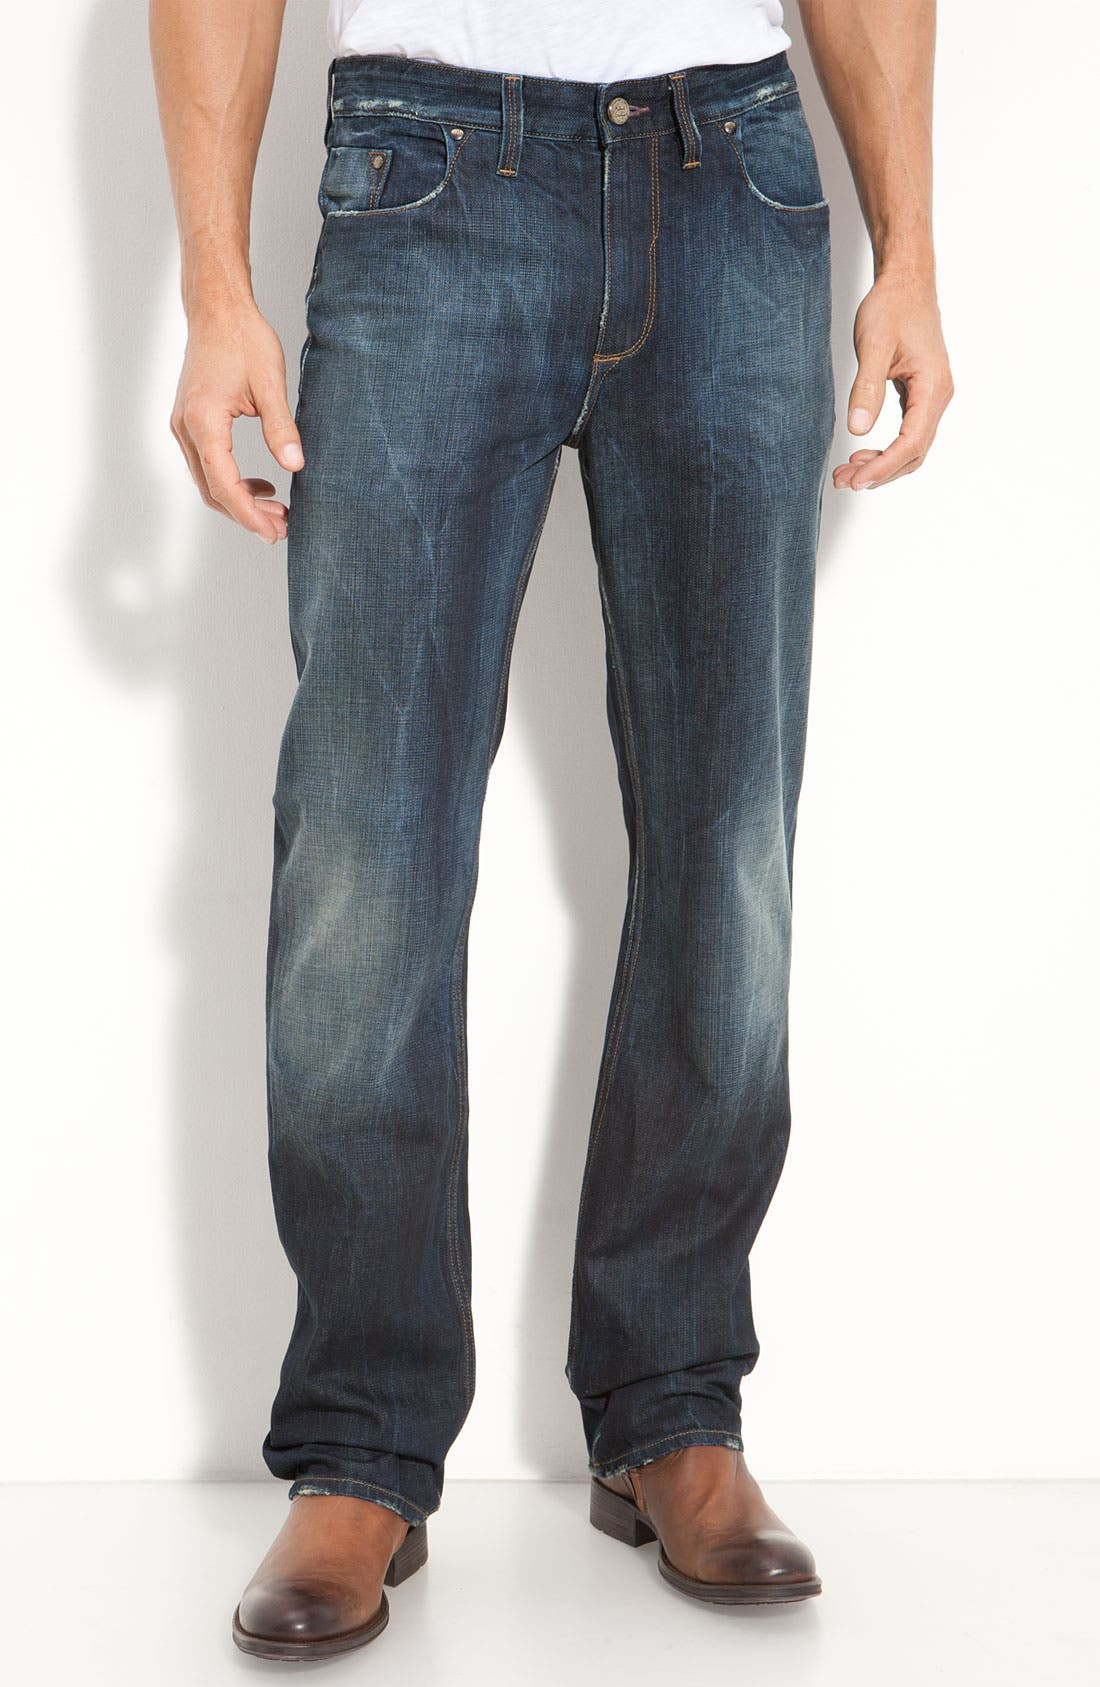 Alternate Image 1 Selected - Robert Graham Jeans 'Yates' Classic Fit Jeans (Atlantic)